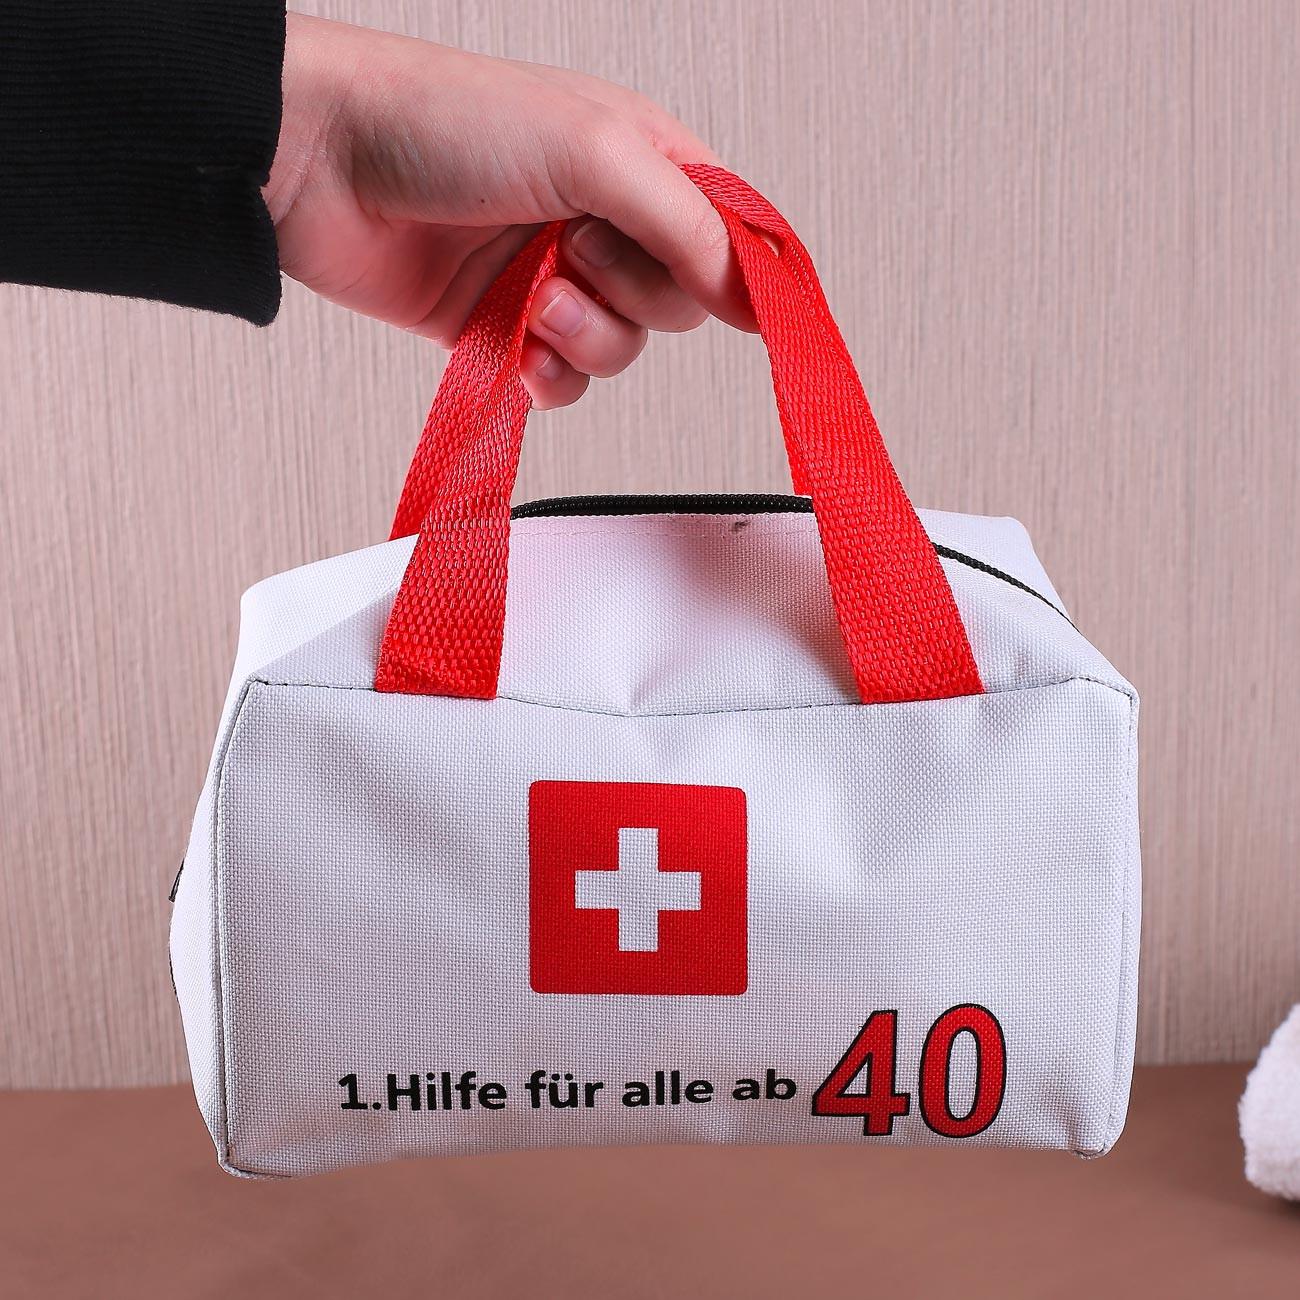 Geschenkideen Zum 40 Geburtstag Frau  Udo Schmidt us